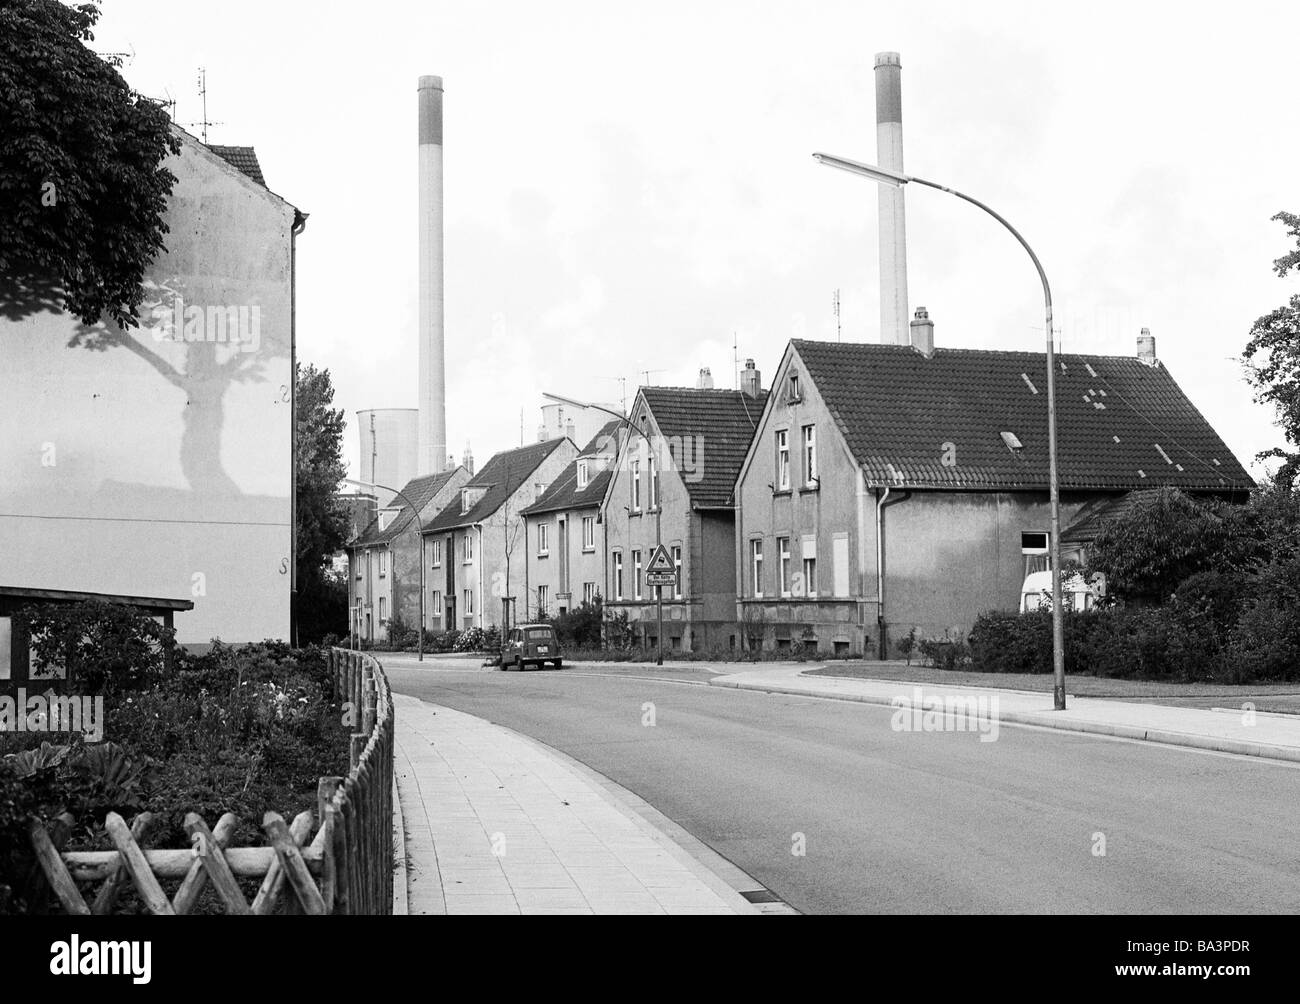 Siebziger Jahre, Arbeitersiedlung, Wohnhaeuser, Verkehrsstrasse, Schornsteine, Gelsenkirchen, Ruhrgebiet, Nordrhein - Stock Image